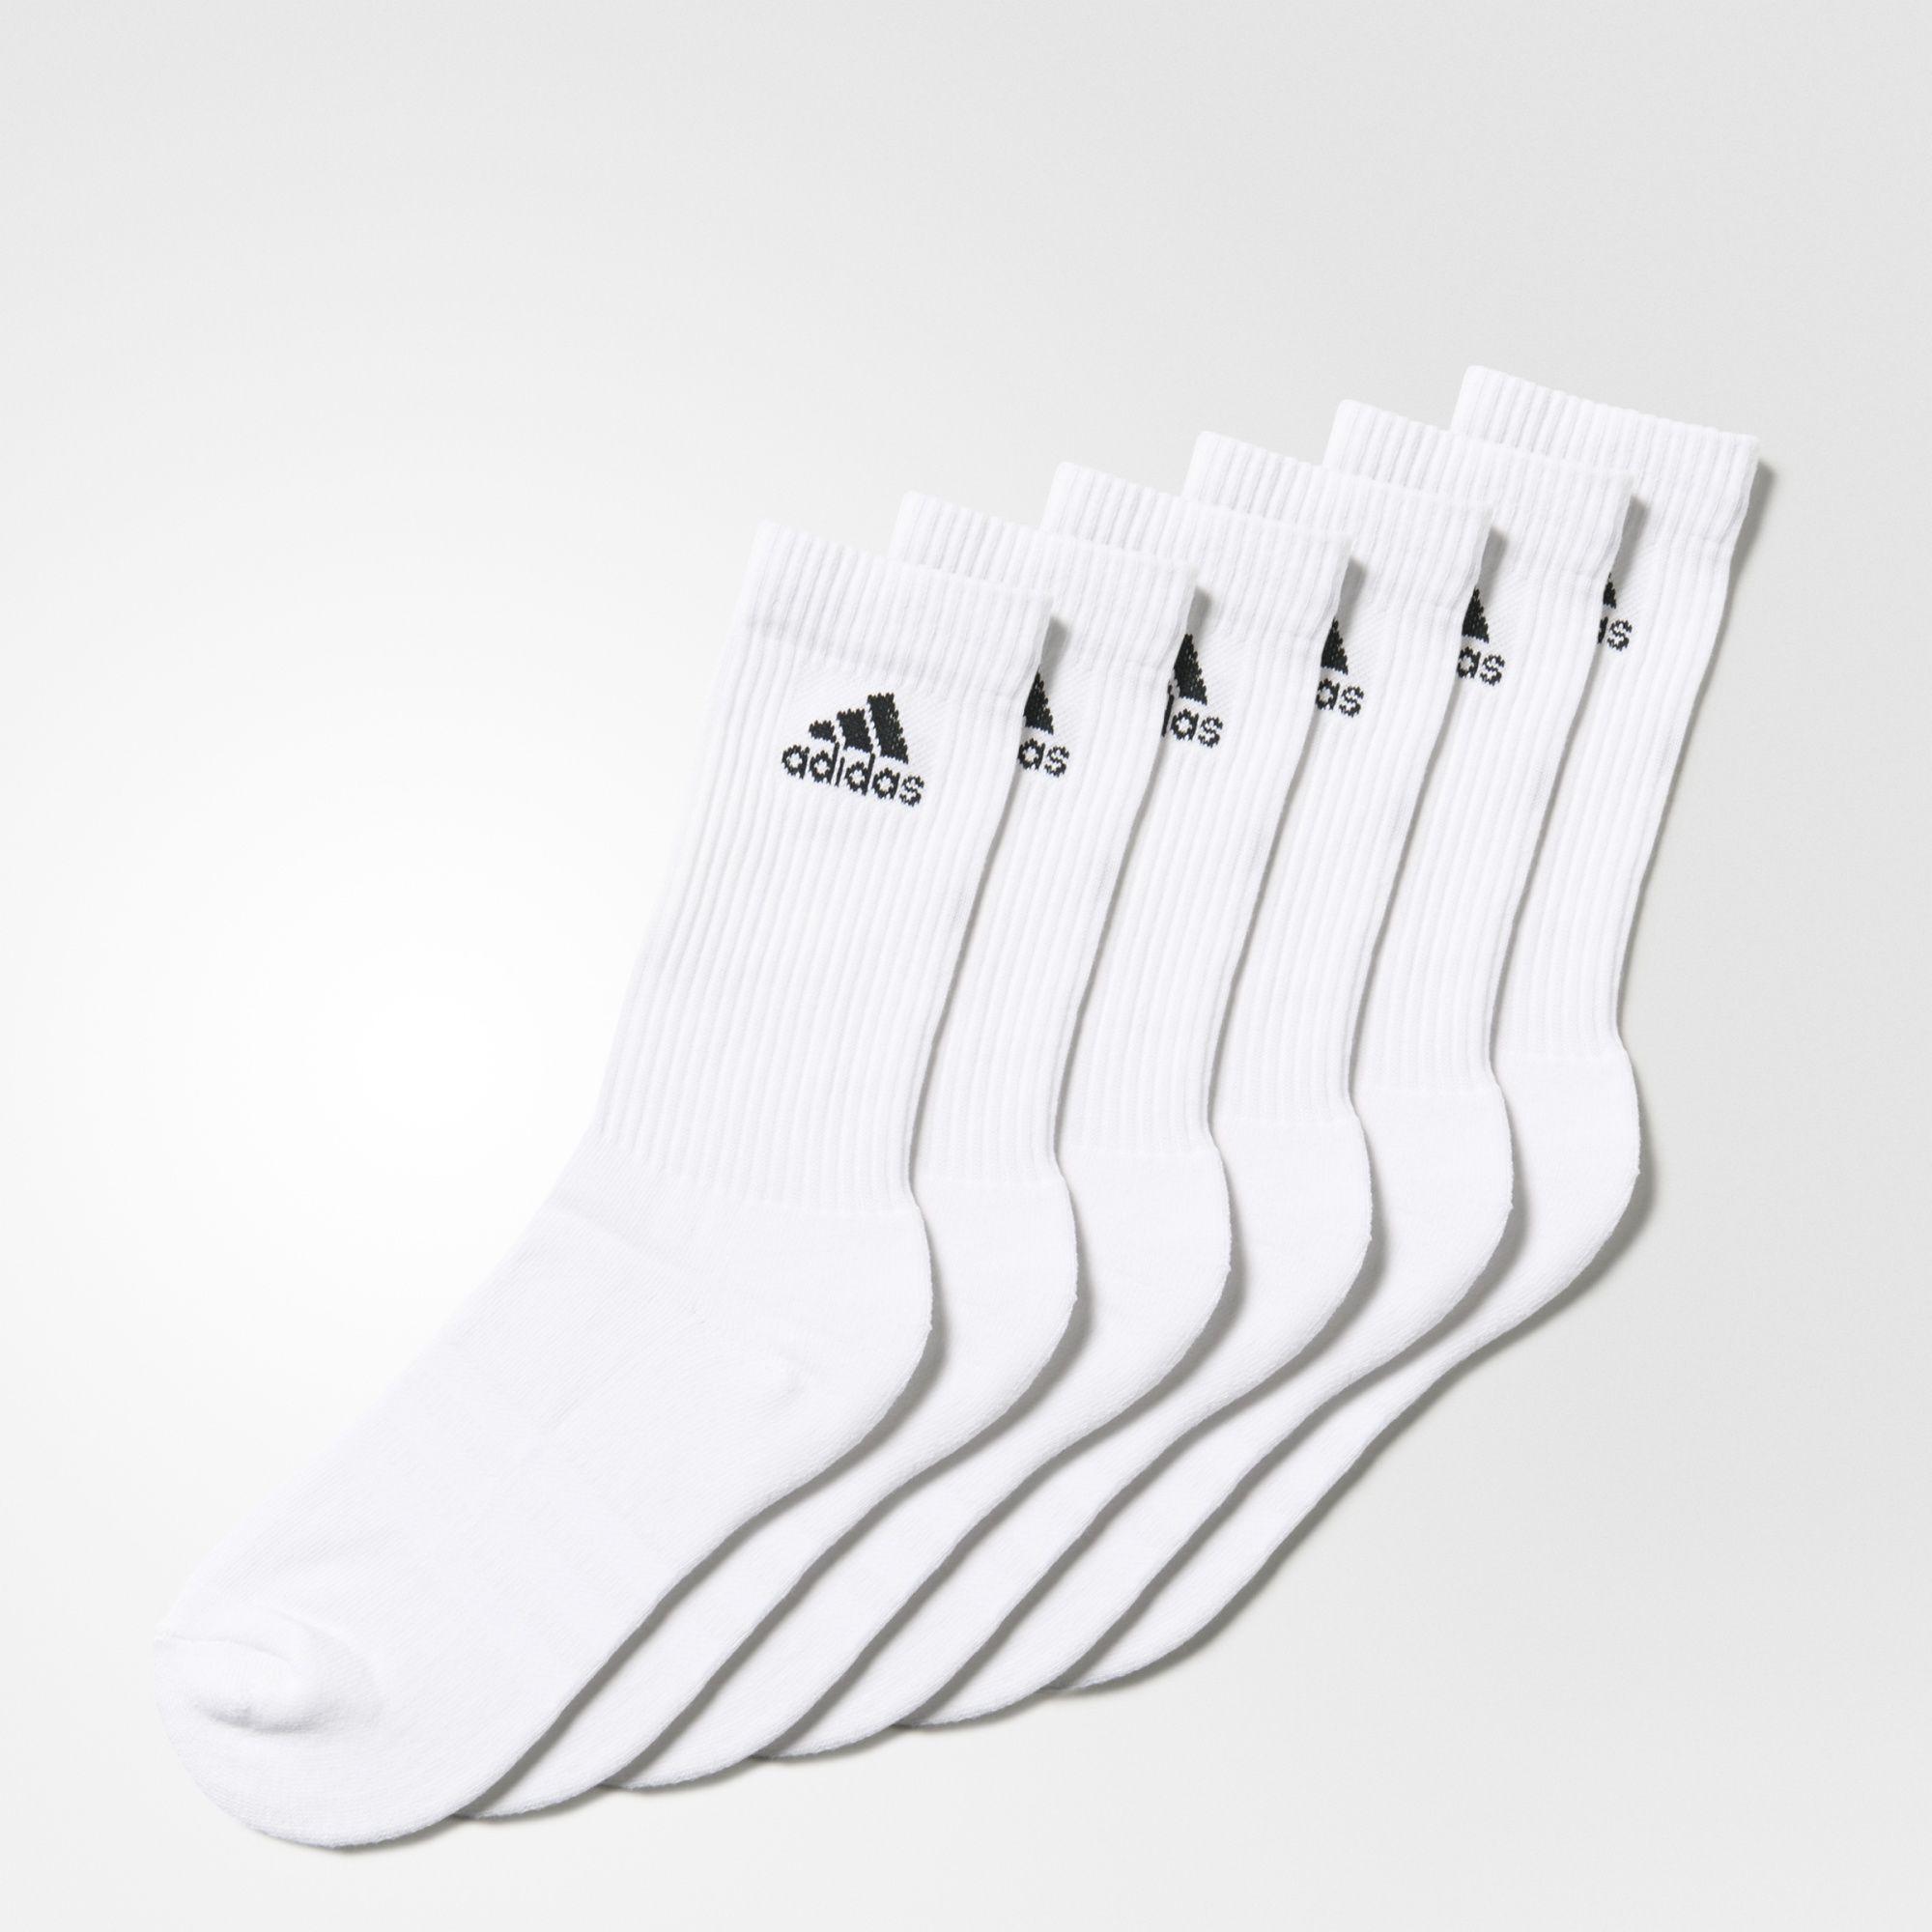 adidas - 6 pares de calcetines clásicos 3 bandas  a2efe0a320efa